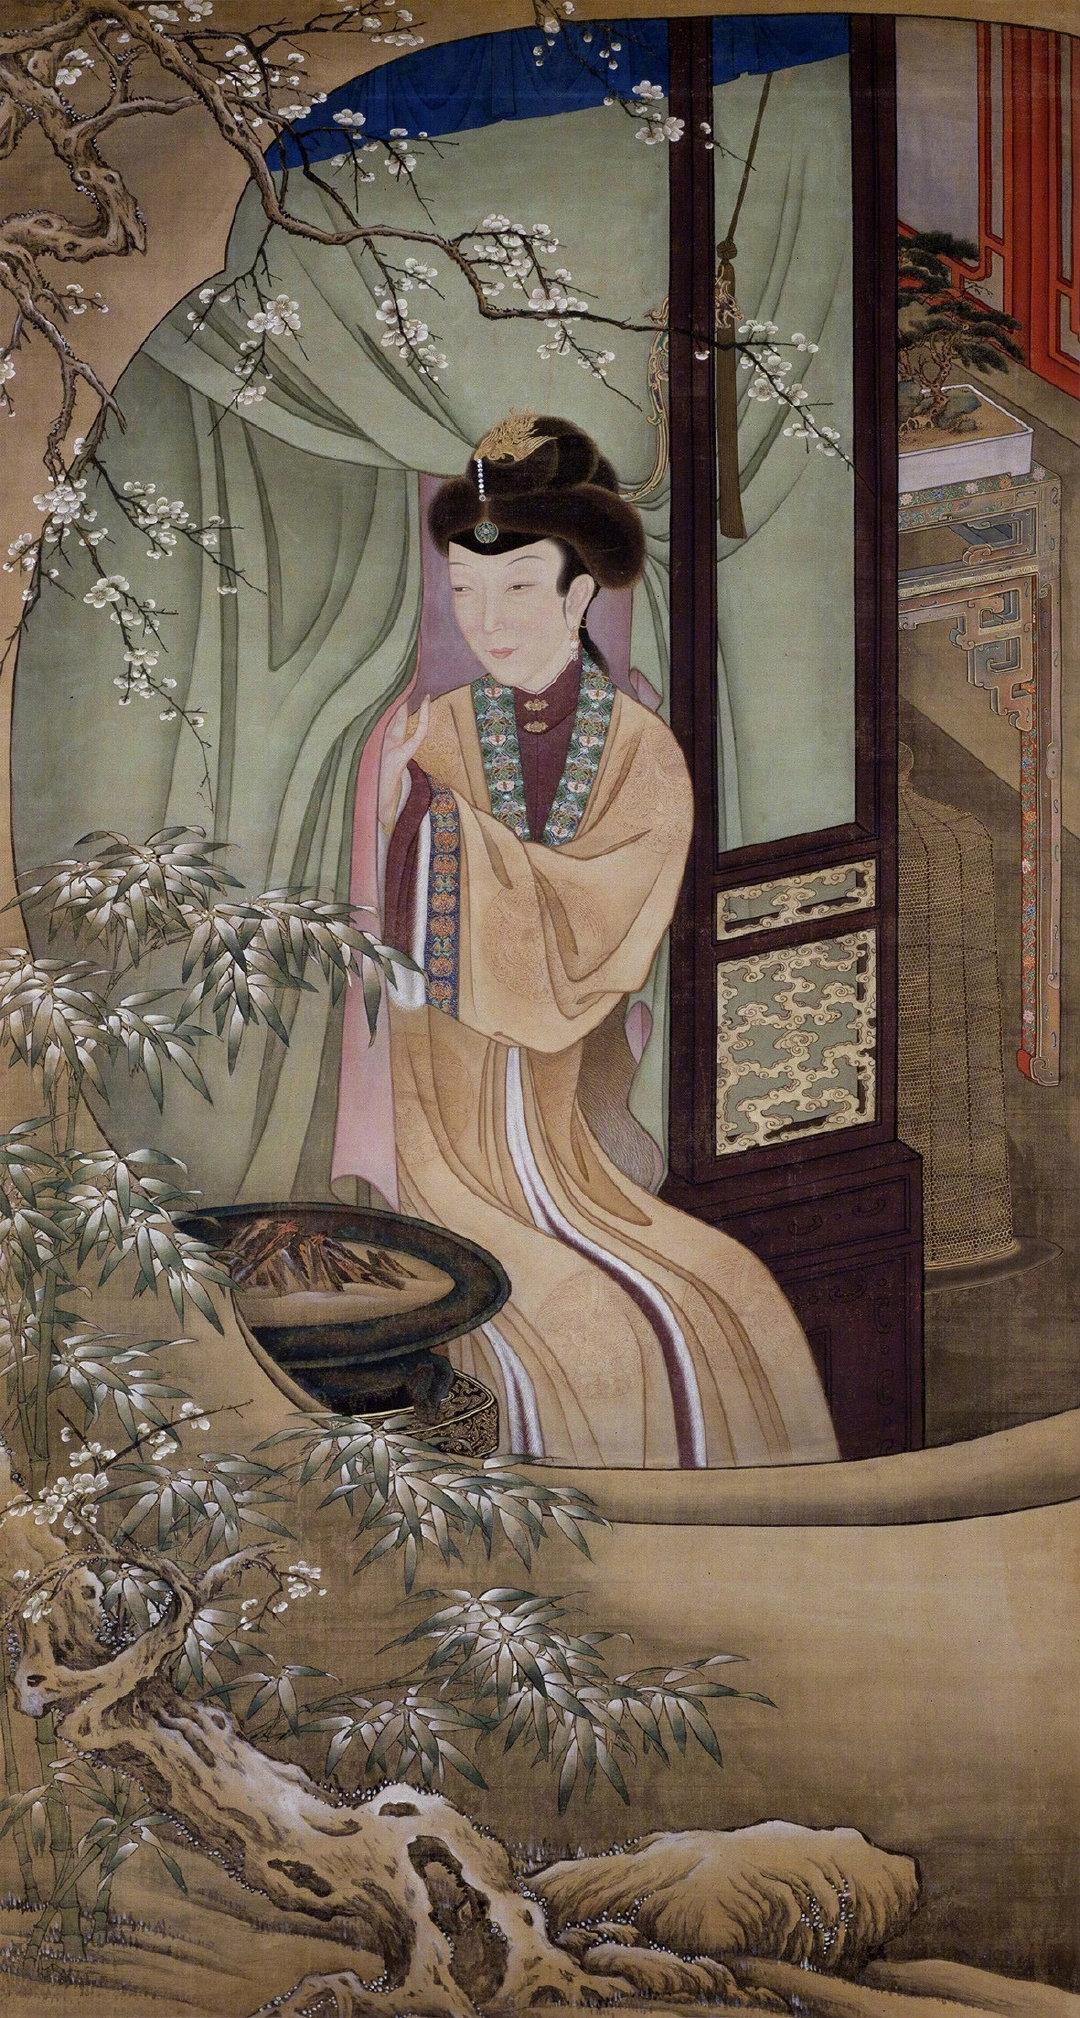 清雍正时期美人群像《十二美人图》,现藏于@故宫博物院